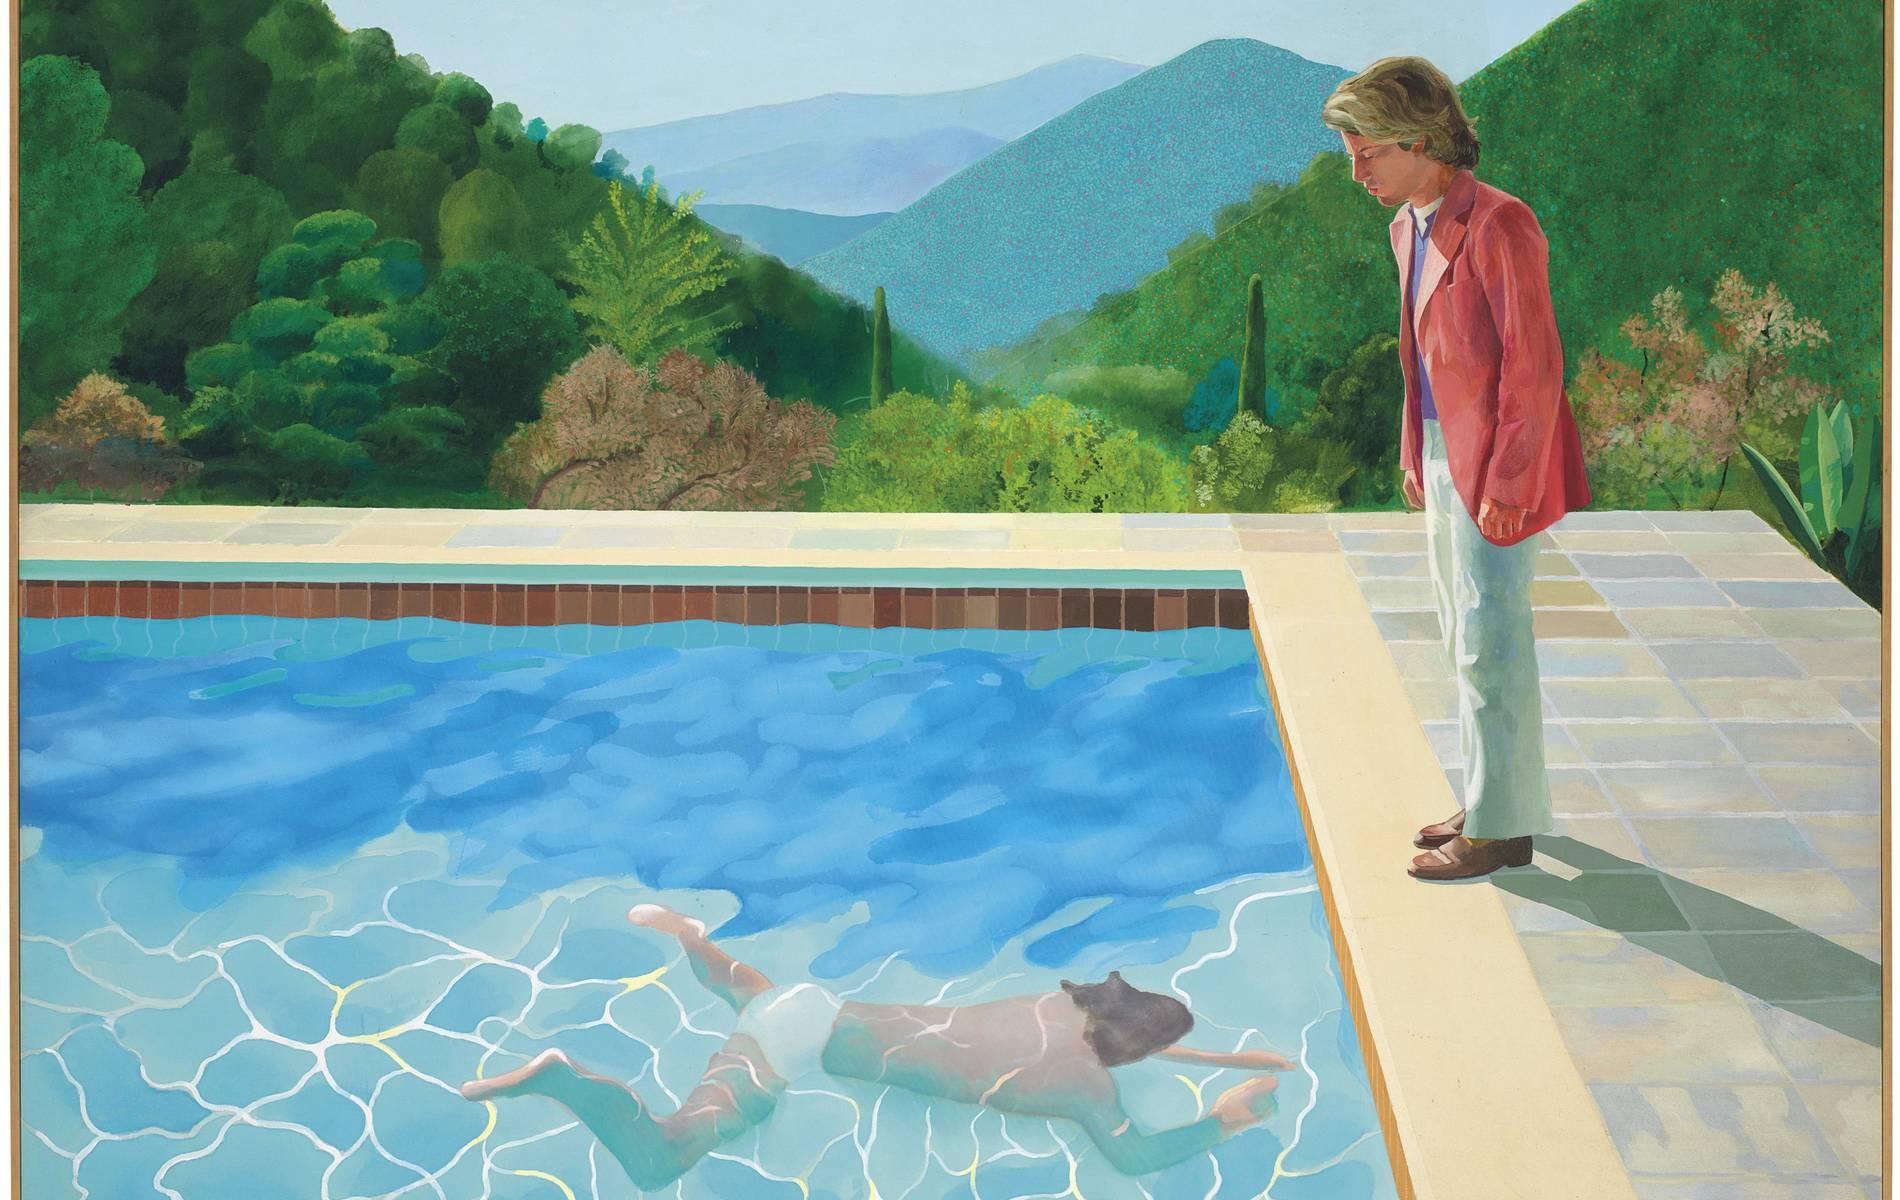 David Hockney bricht mit Pool-Bild Preisrekord